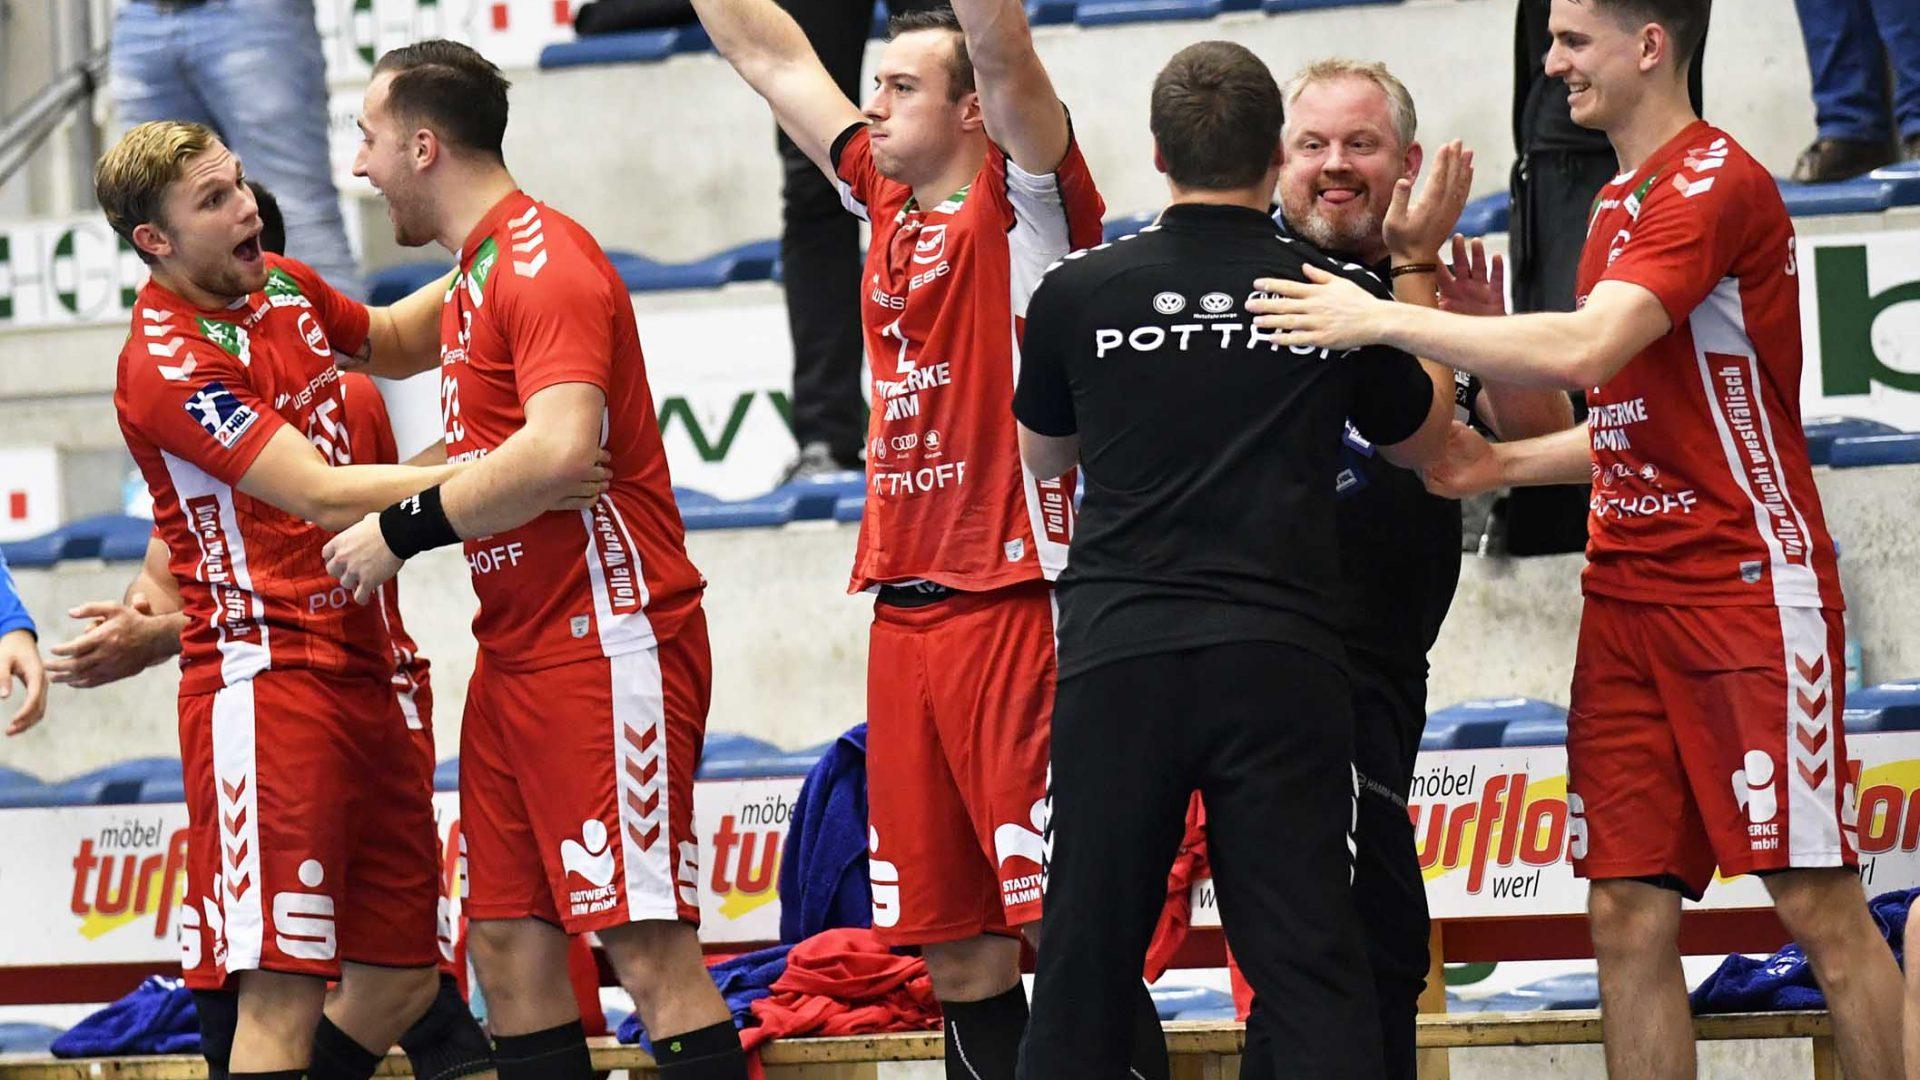 Handball Bundesliga ASV Hamm Gummersbach;Jubel Bank